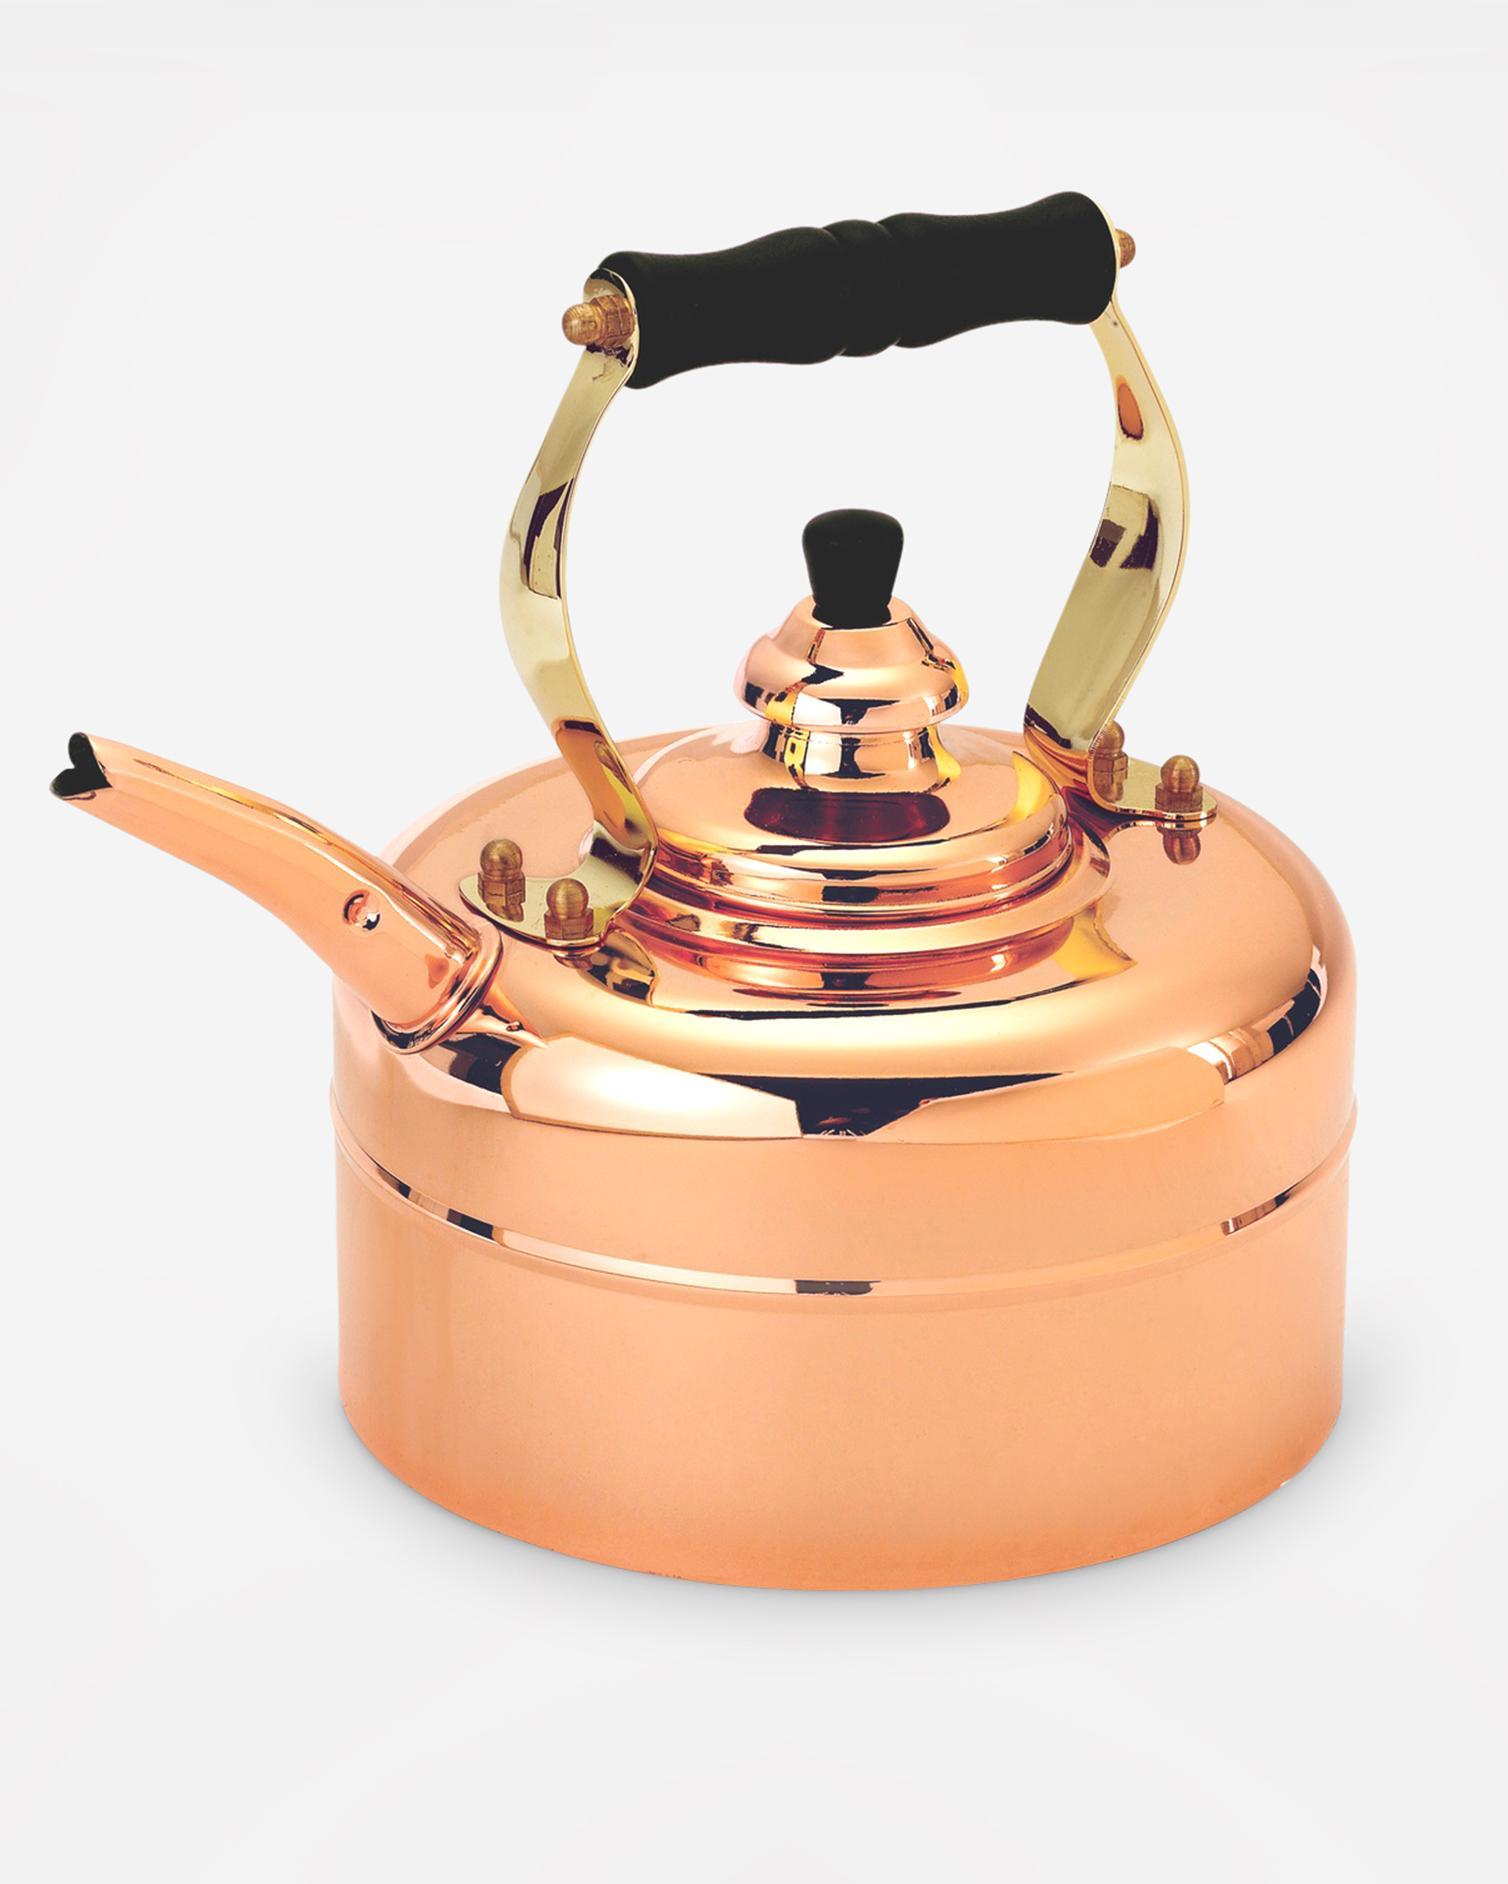 registry-gifts-budget-zola-olddutch-teakettle-0615